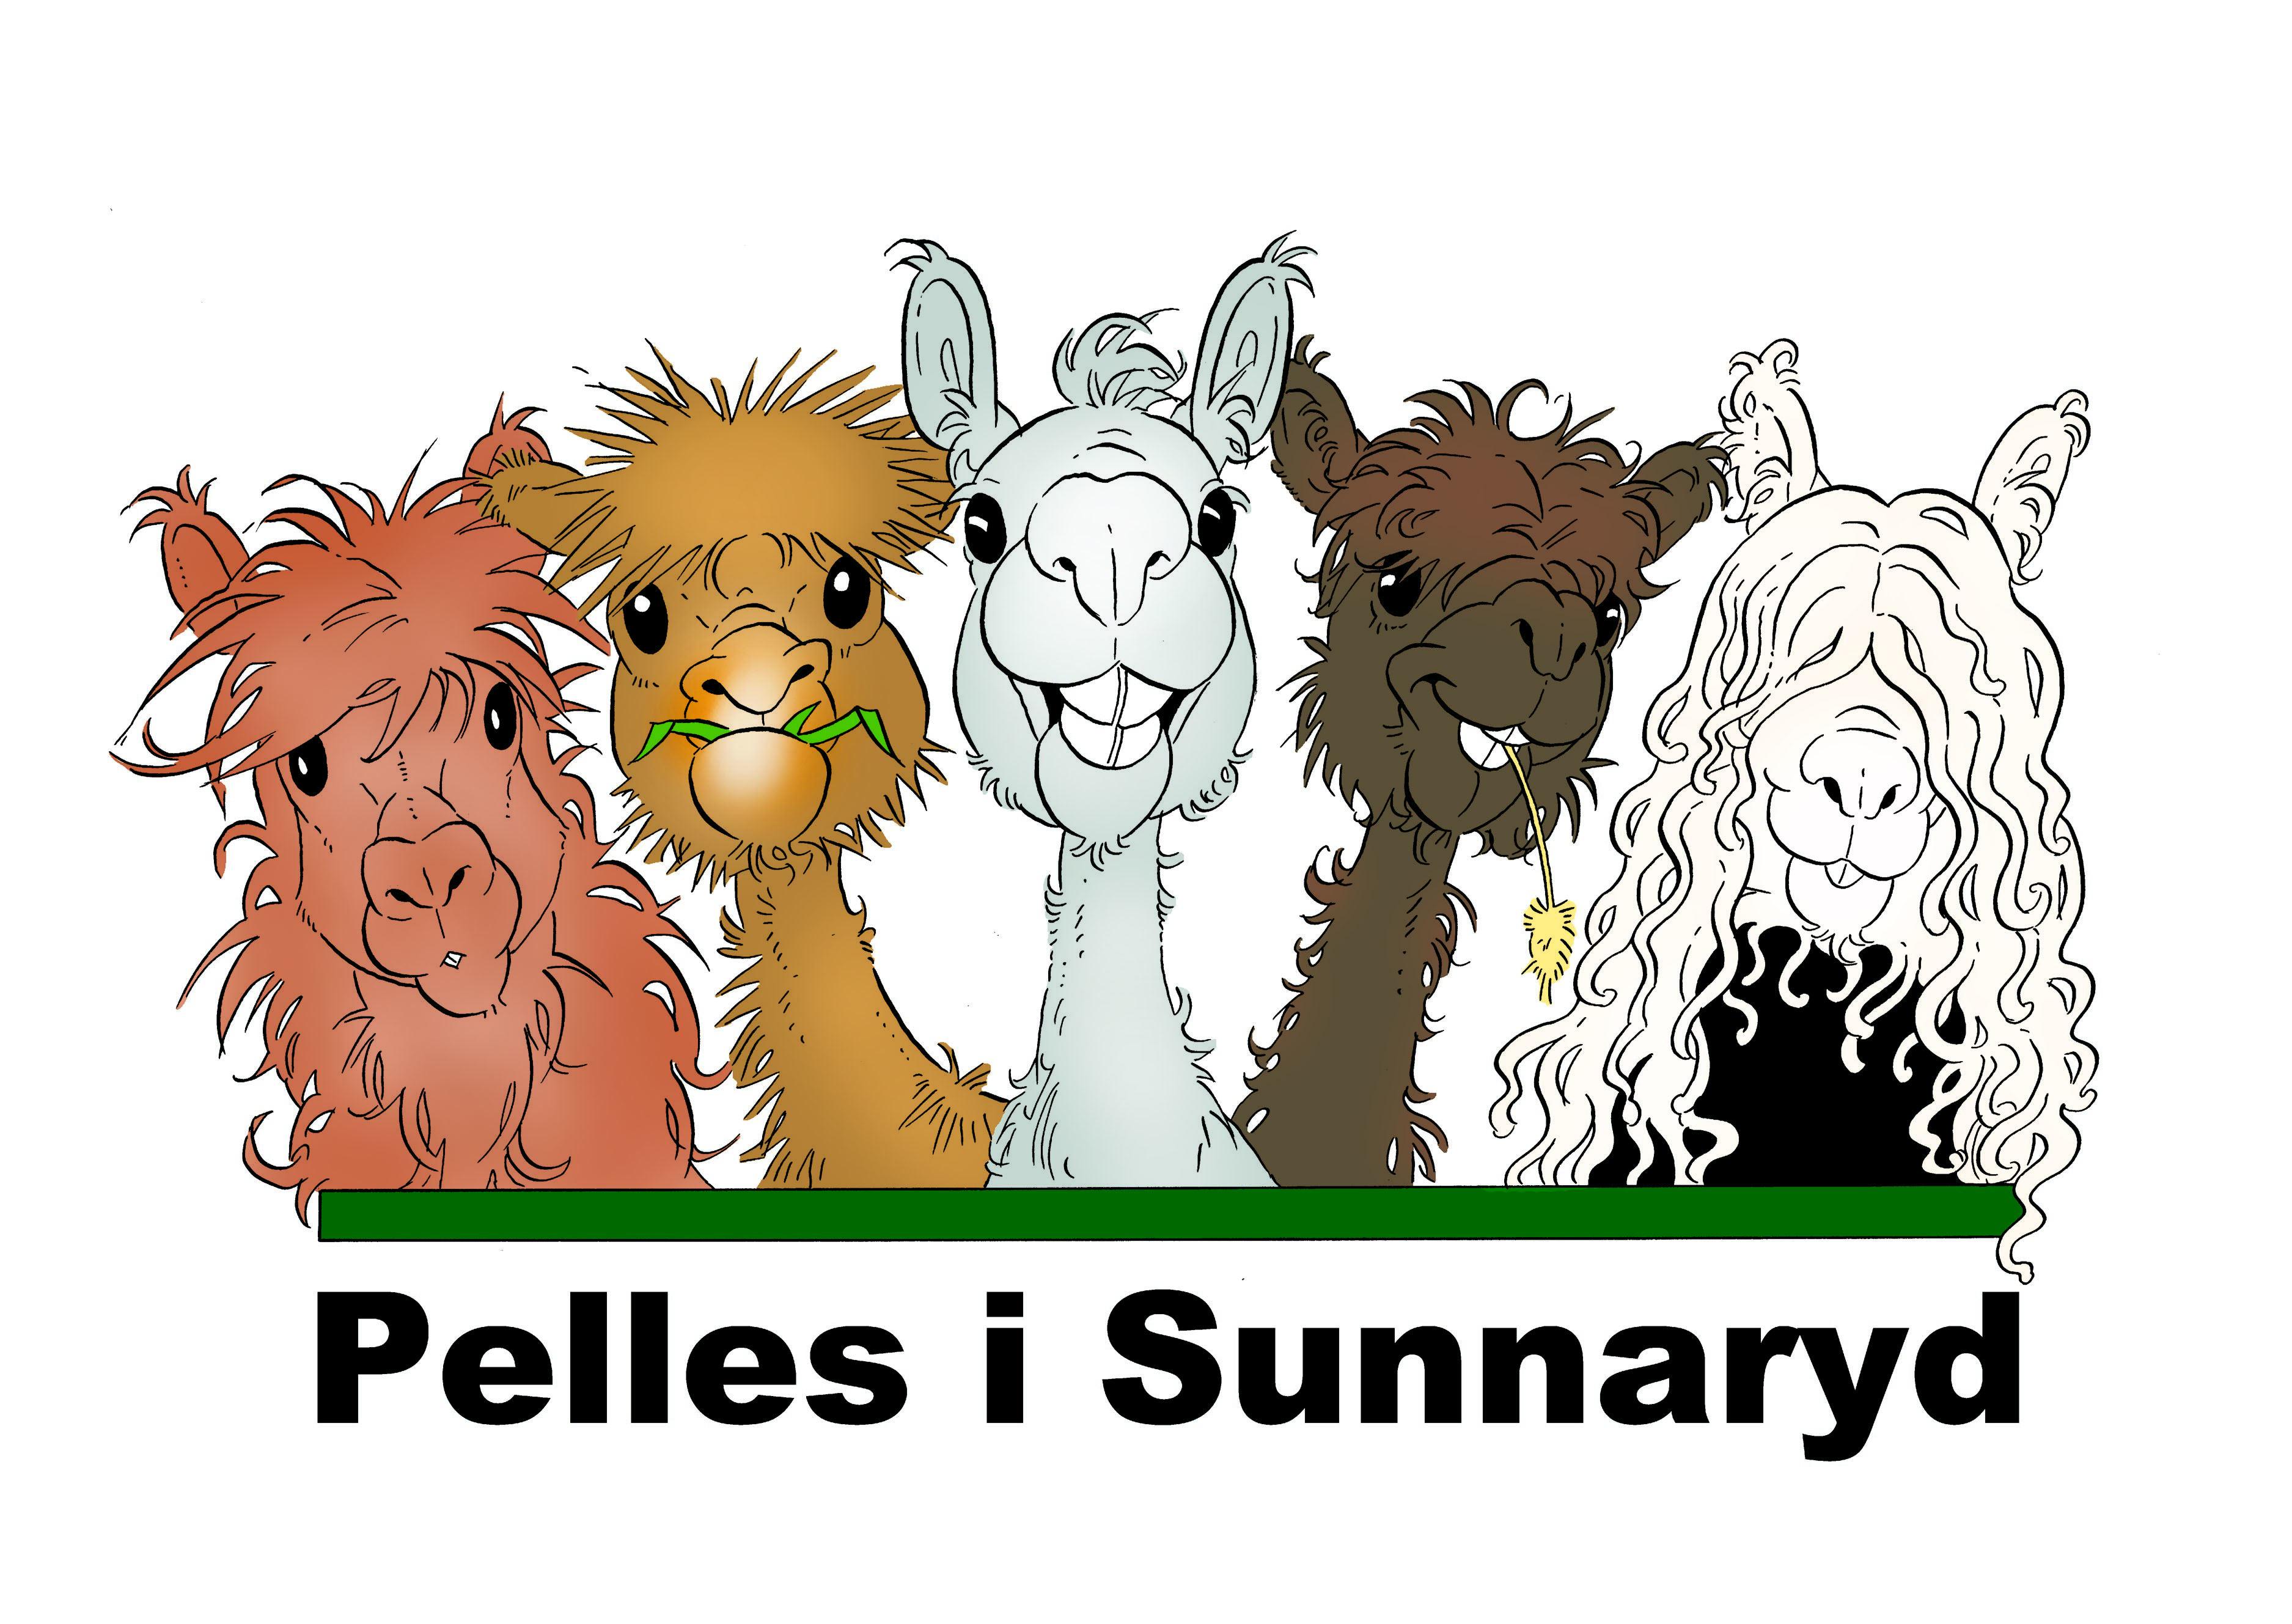 Alpacka på Pelles i Sunnaryd